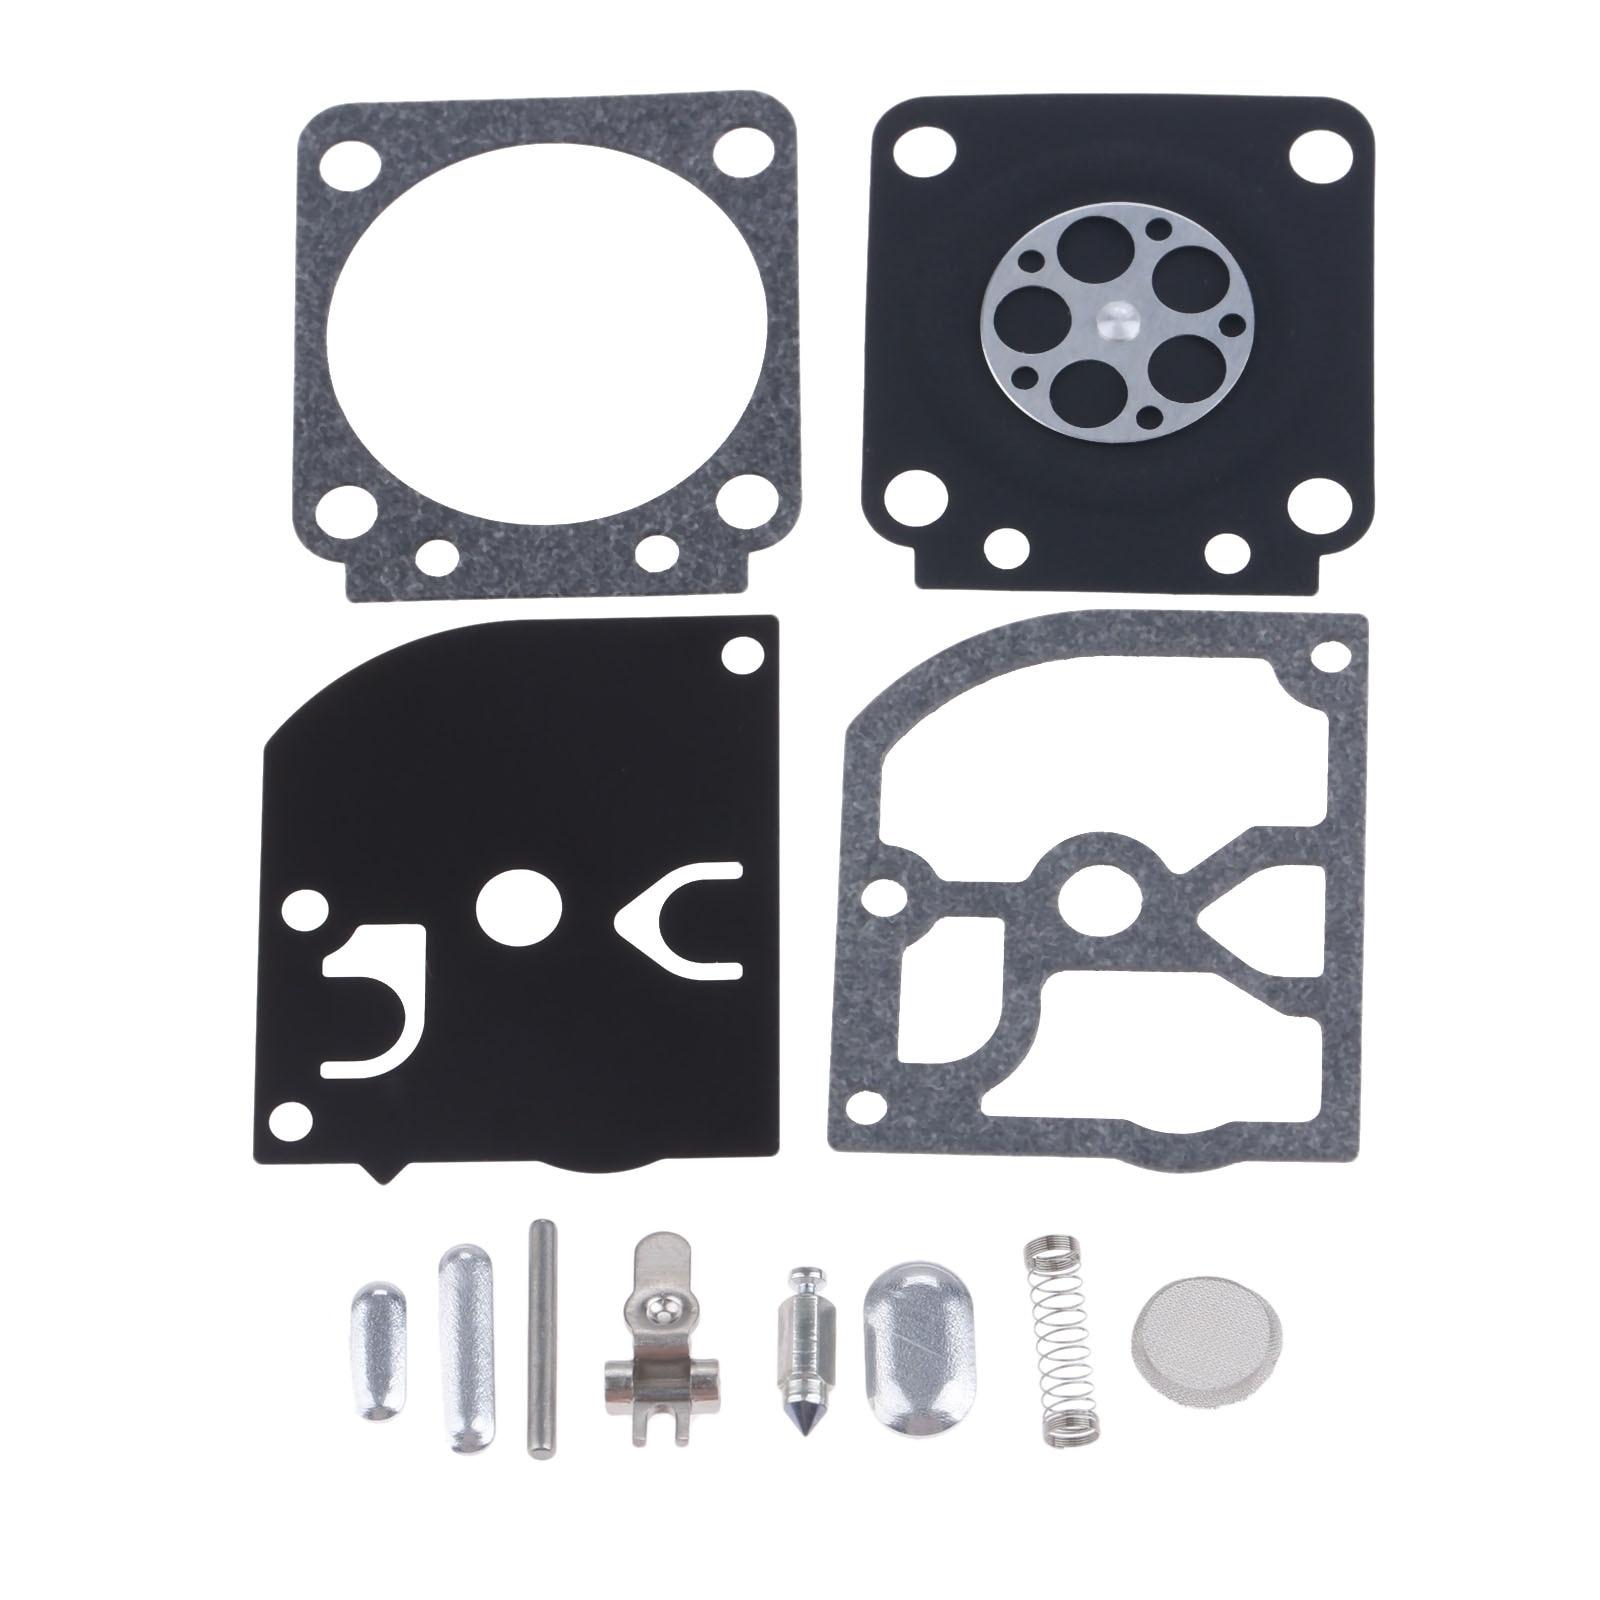 DRELD RB-66 Carburetor Rebuild Repair Kit For Zama RB-66 STIHL 017 MS170 018 MS180 FS75 FS80 FS85